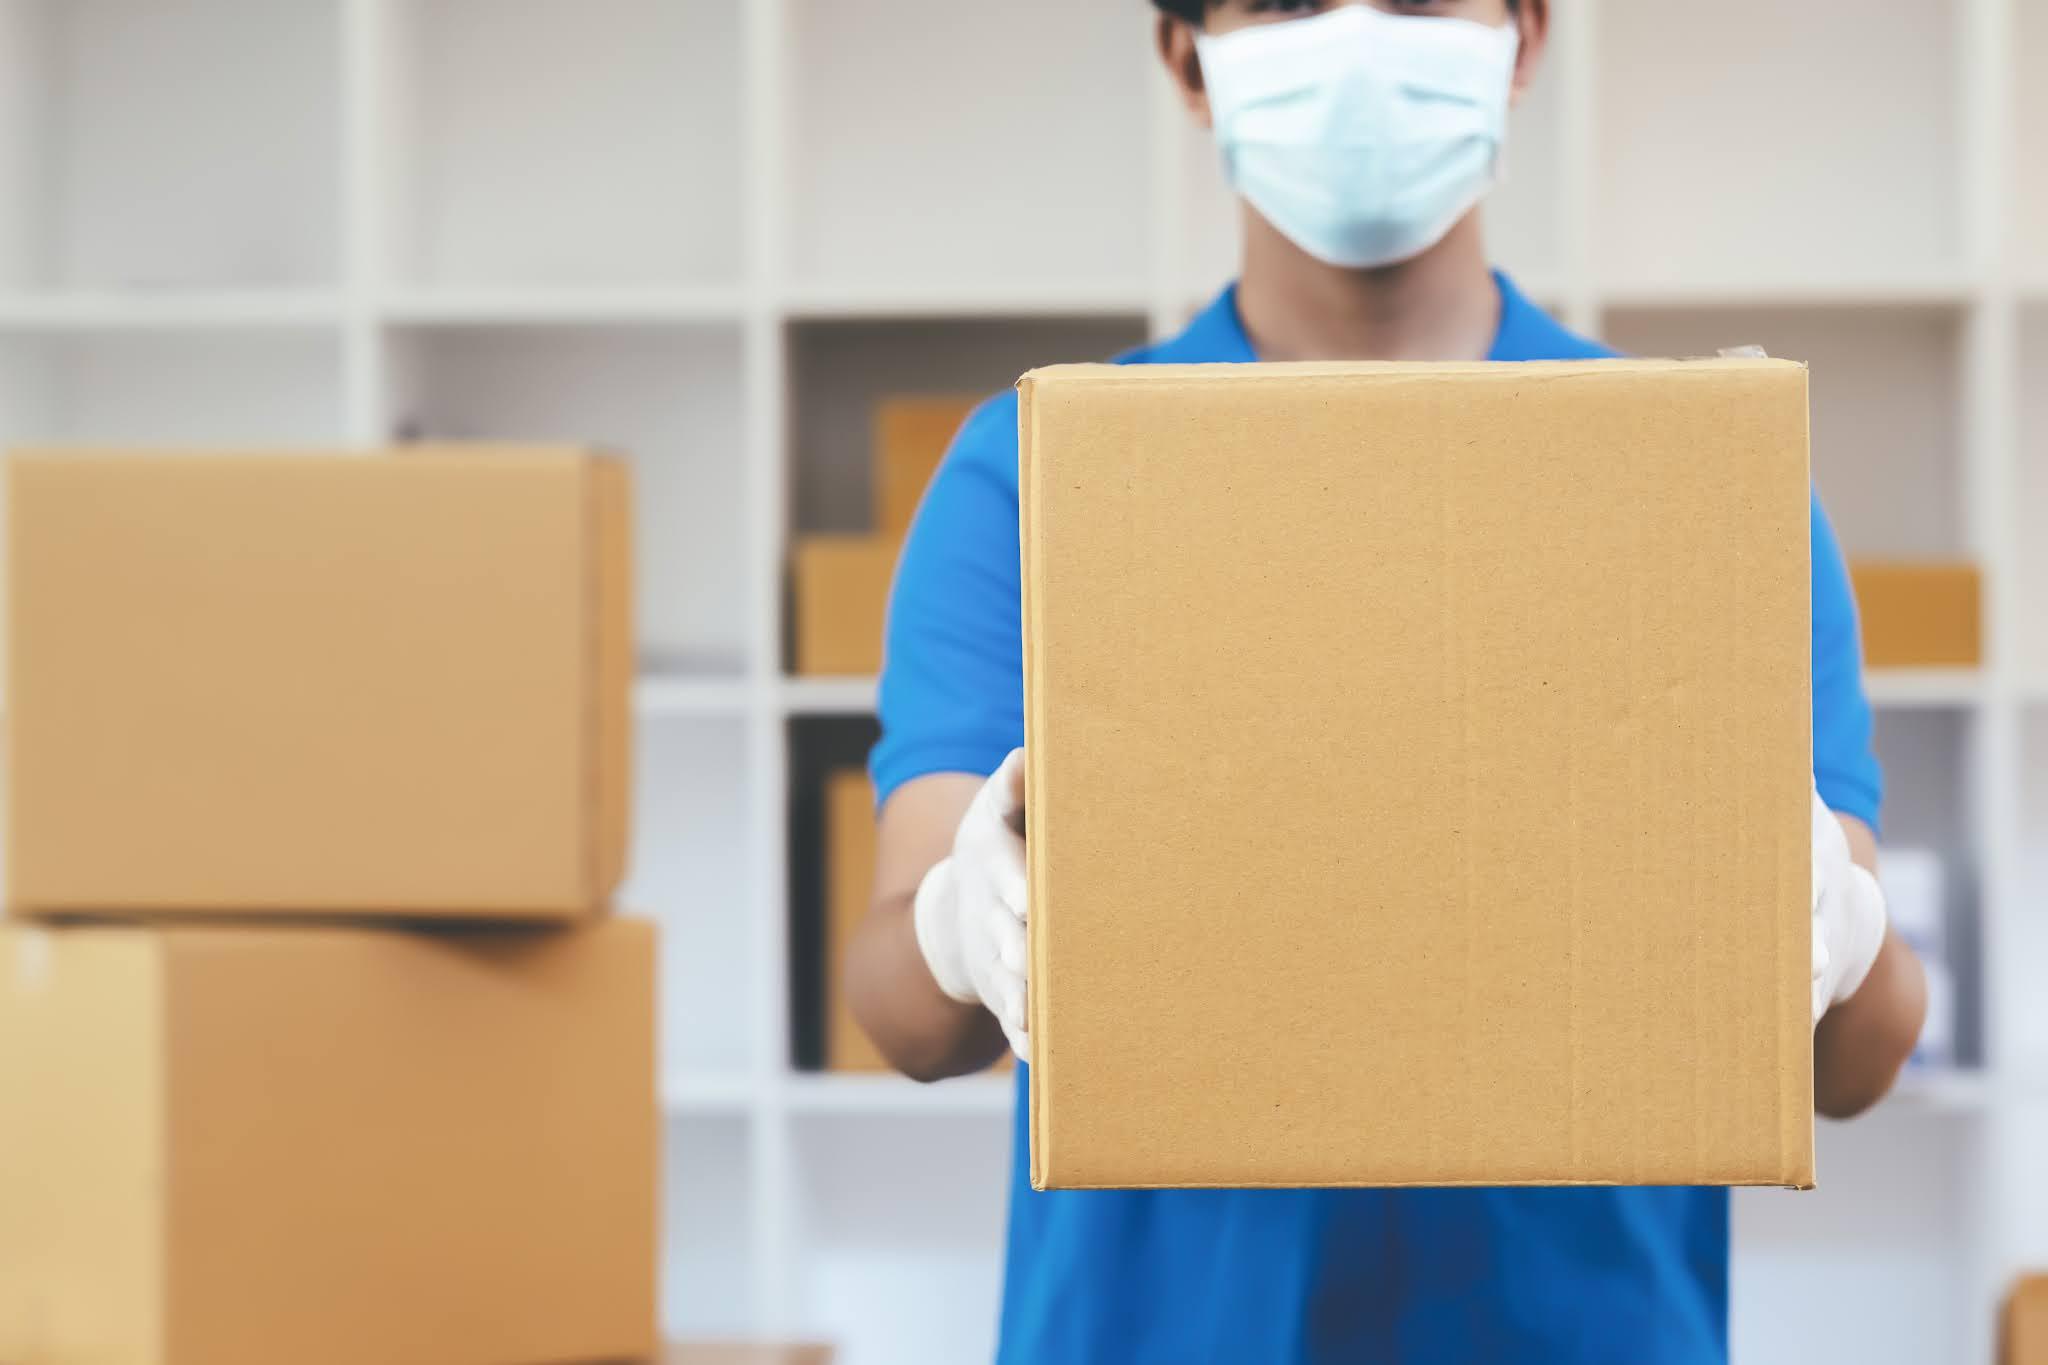 إرسال مواد وإمدادات طبية medical من الإمارات إلى القمر المتحدة